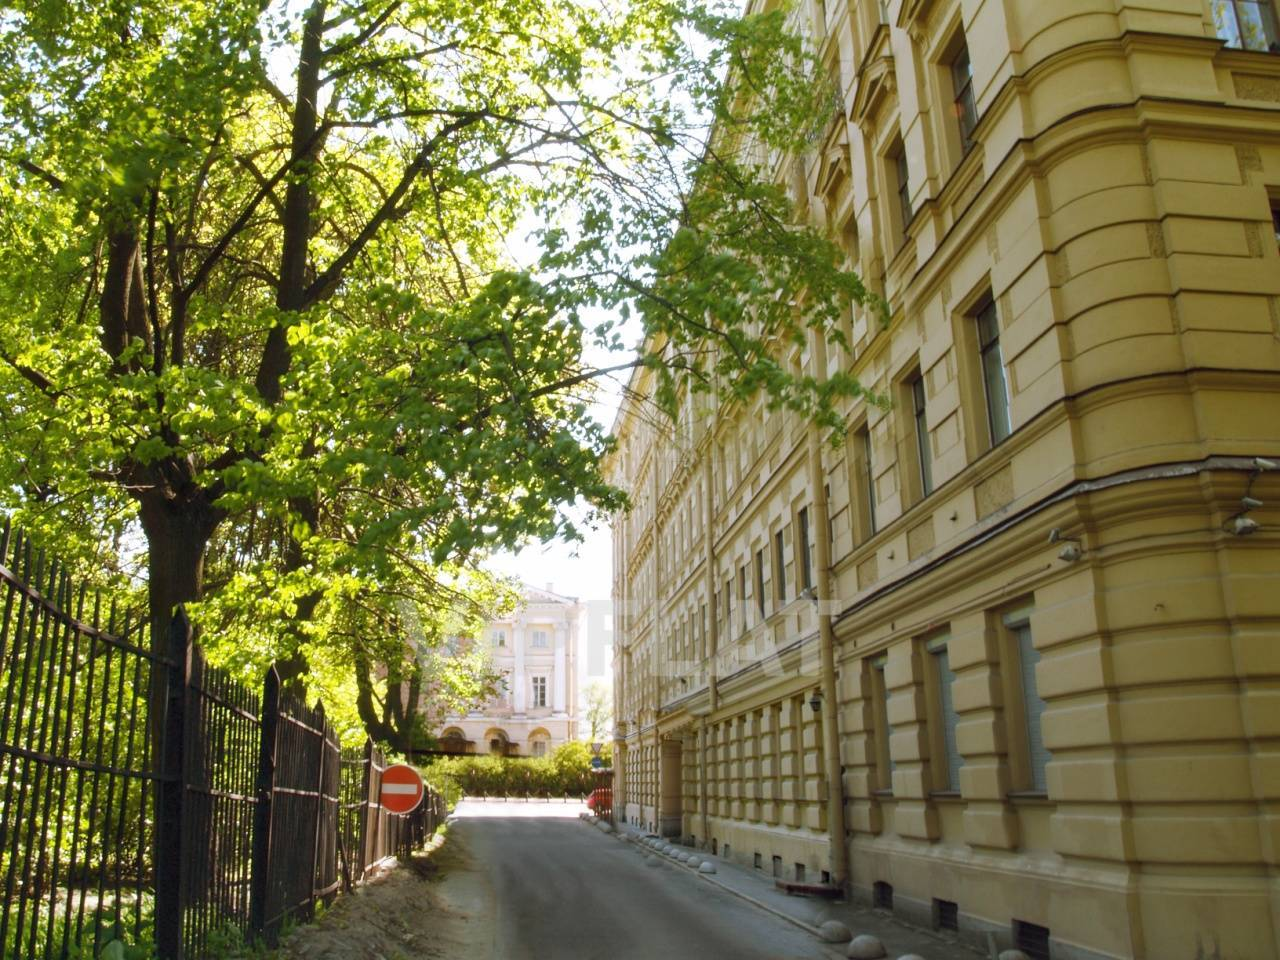 Продажа элитных квартир Санкт-Петербурга. Смольный пр., 6 Проезд вдоль дома